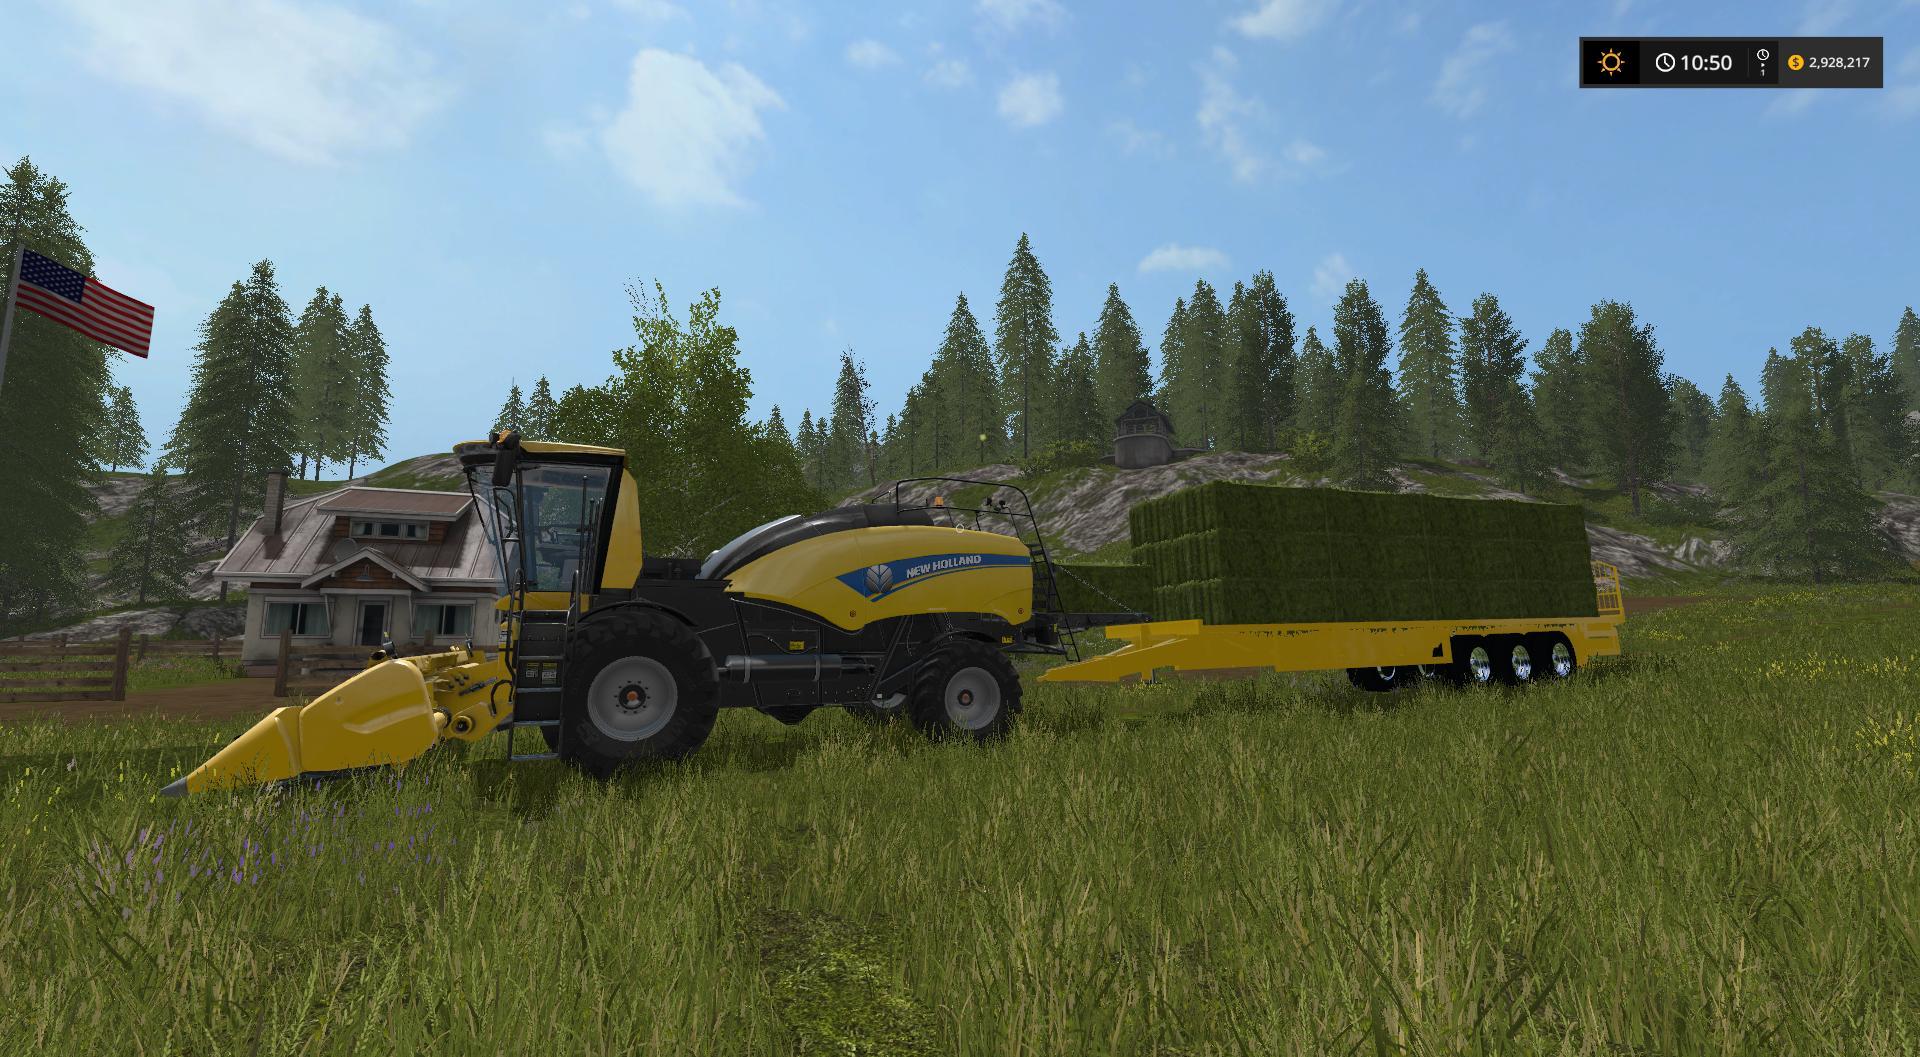 New Holland Power Baler V1 Fs17 Farming Simulator 17